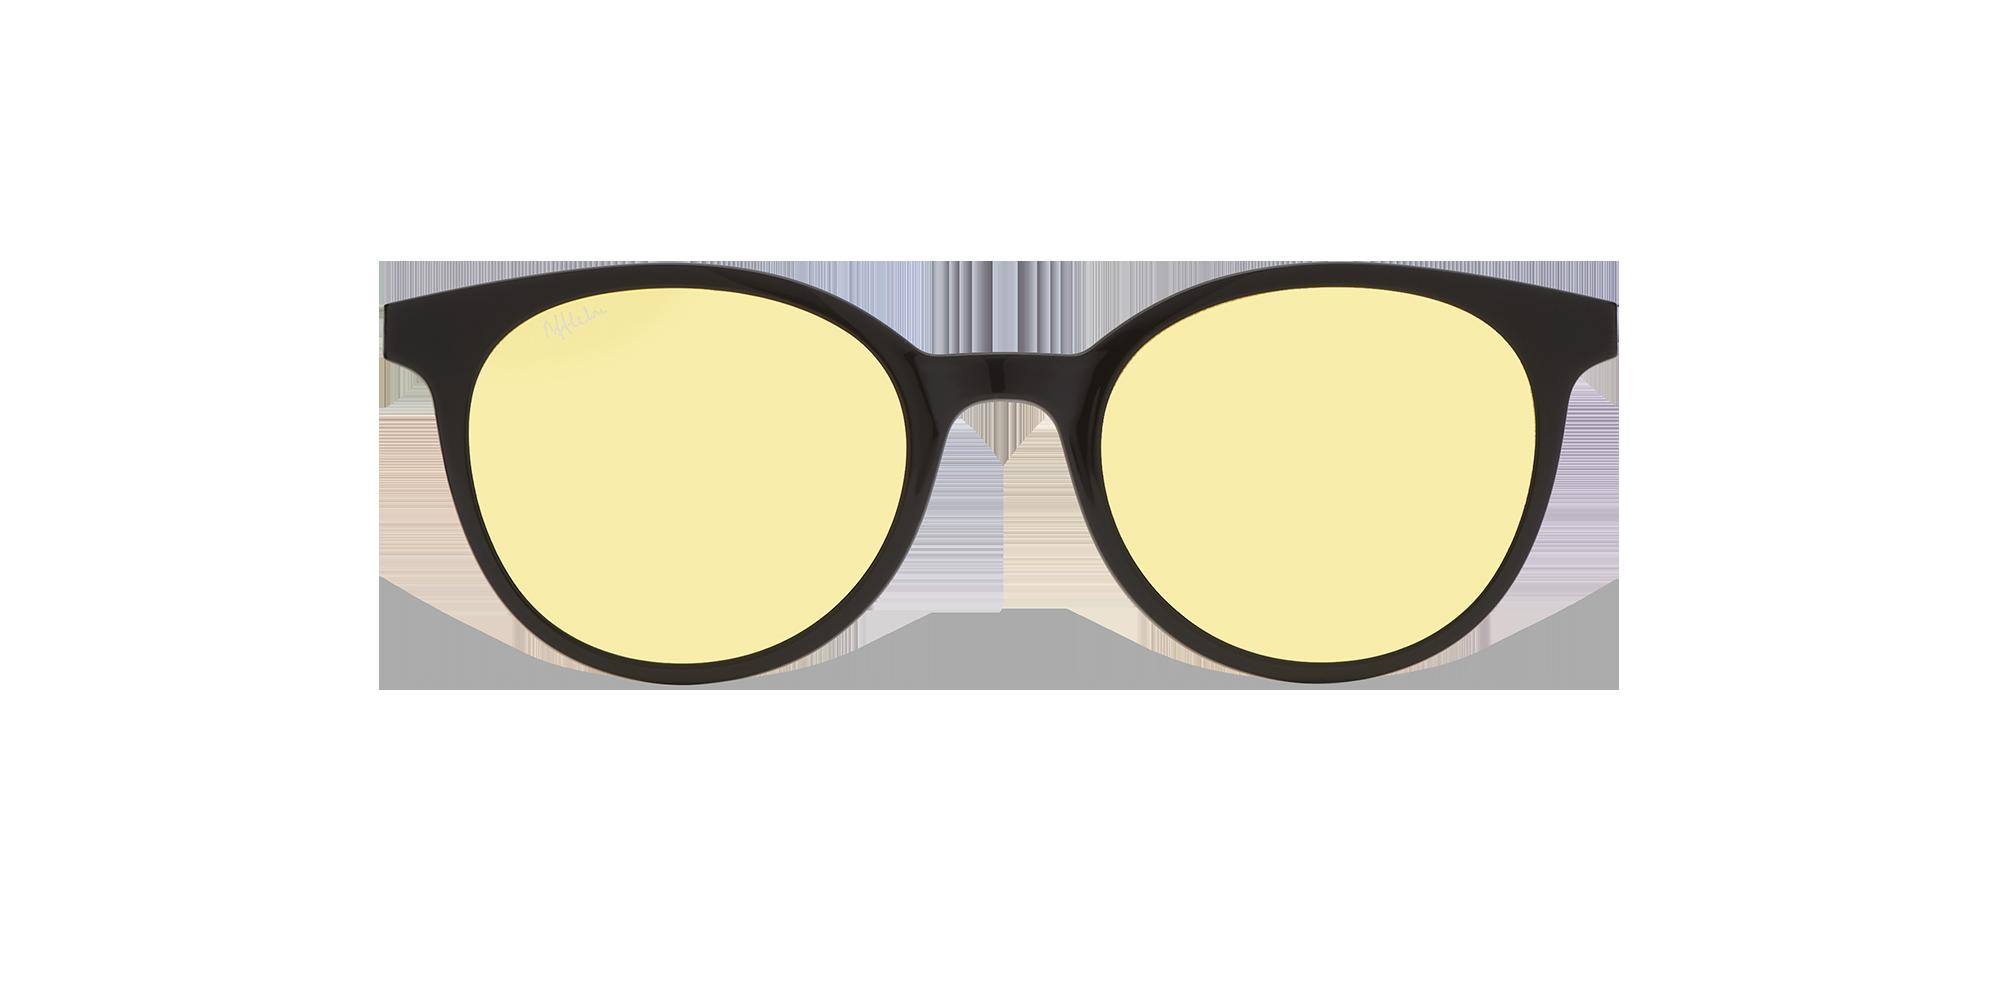 afflelou/france/products/smart_clip/clips_glasses/TMK36YEBR014819.png